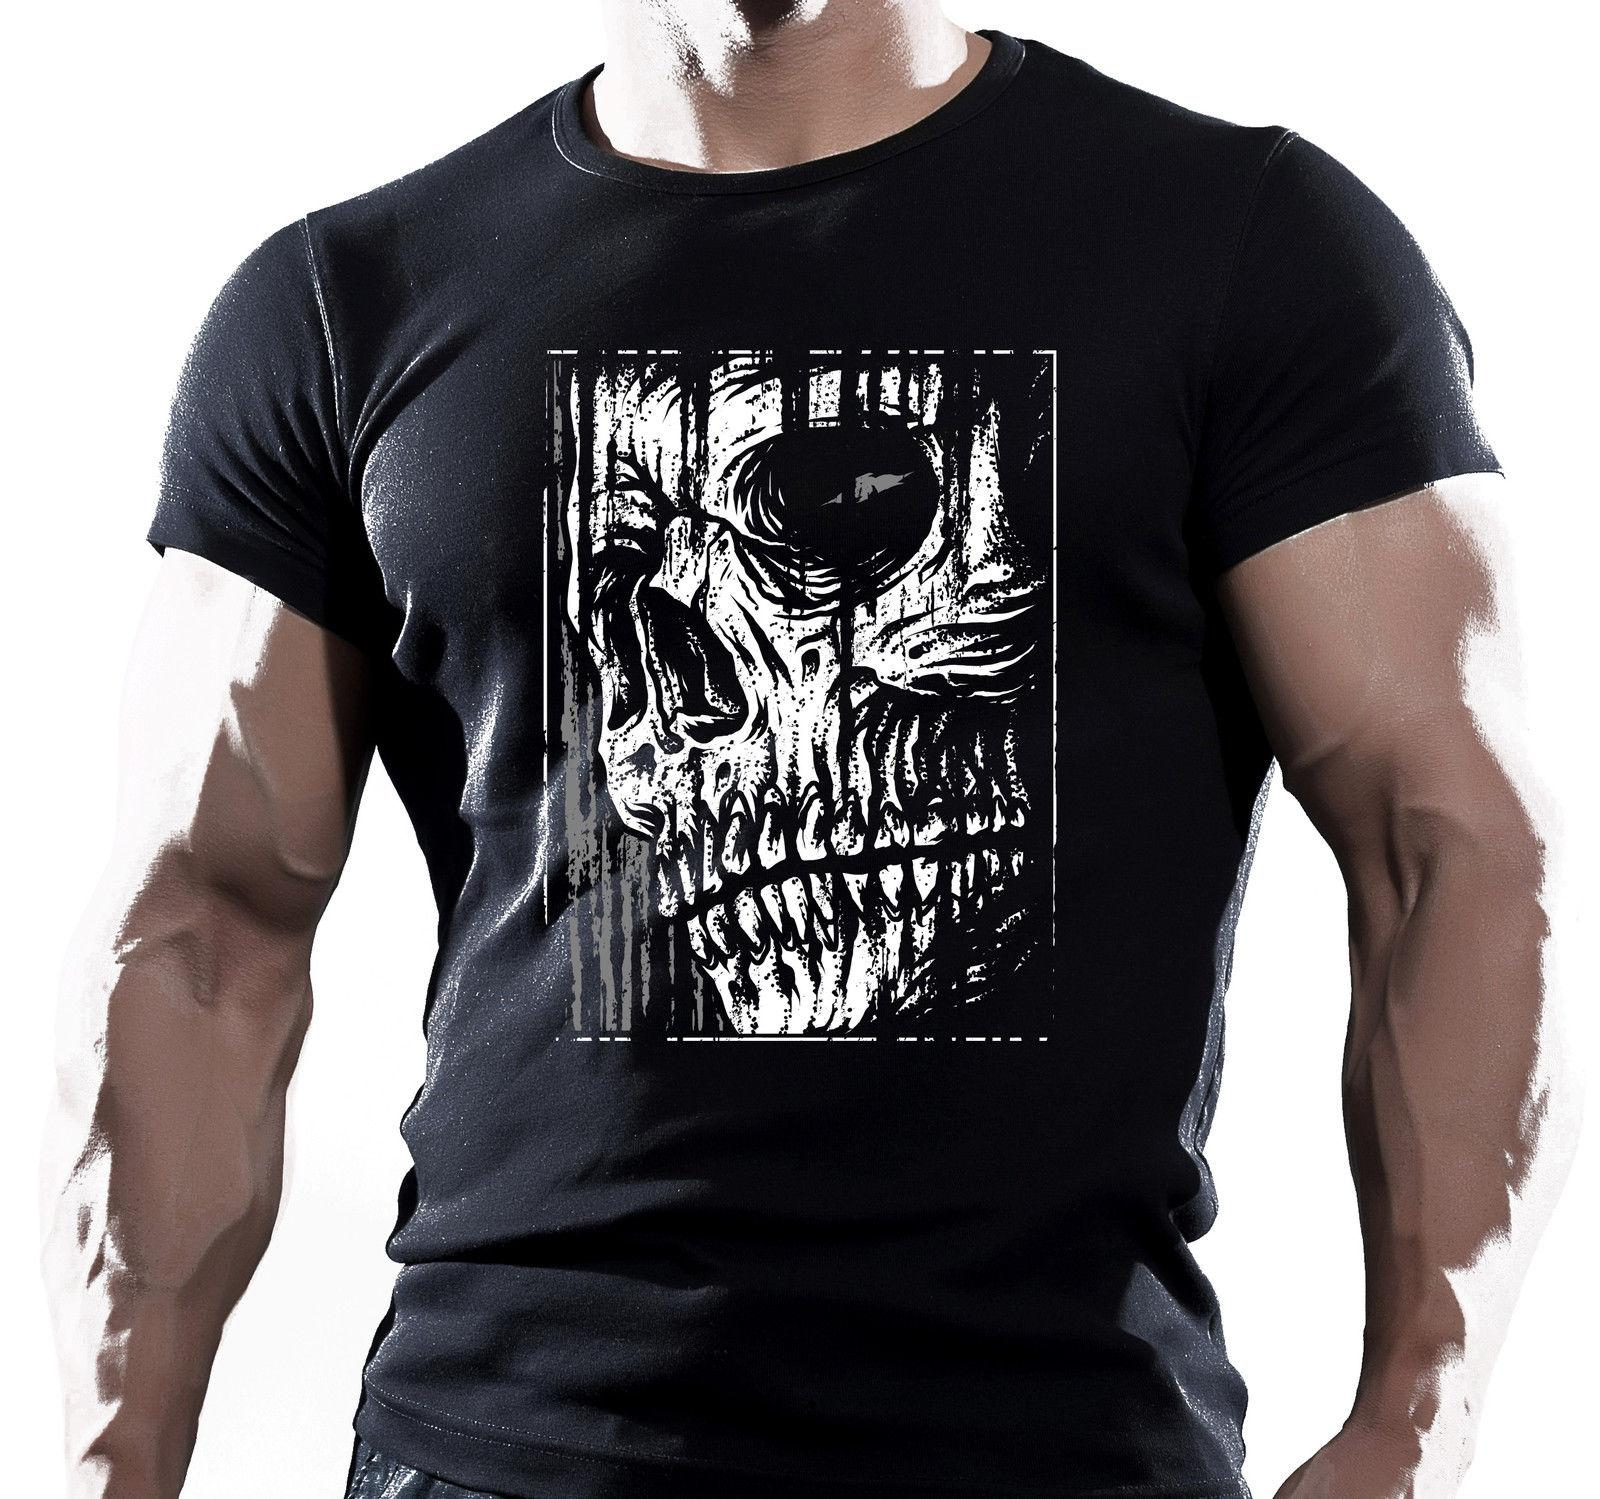 Breve modo del manicotto maglietta faccione Skull Creep scuro Fantasy T shirt per adulti T-shirt in cotone naturale adolescente Printed Tee Top